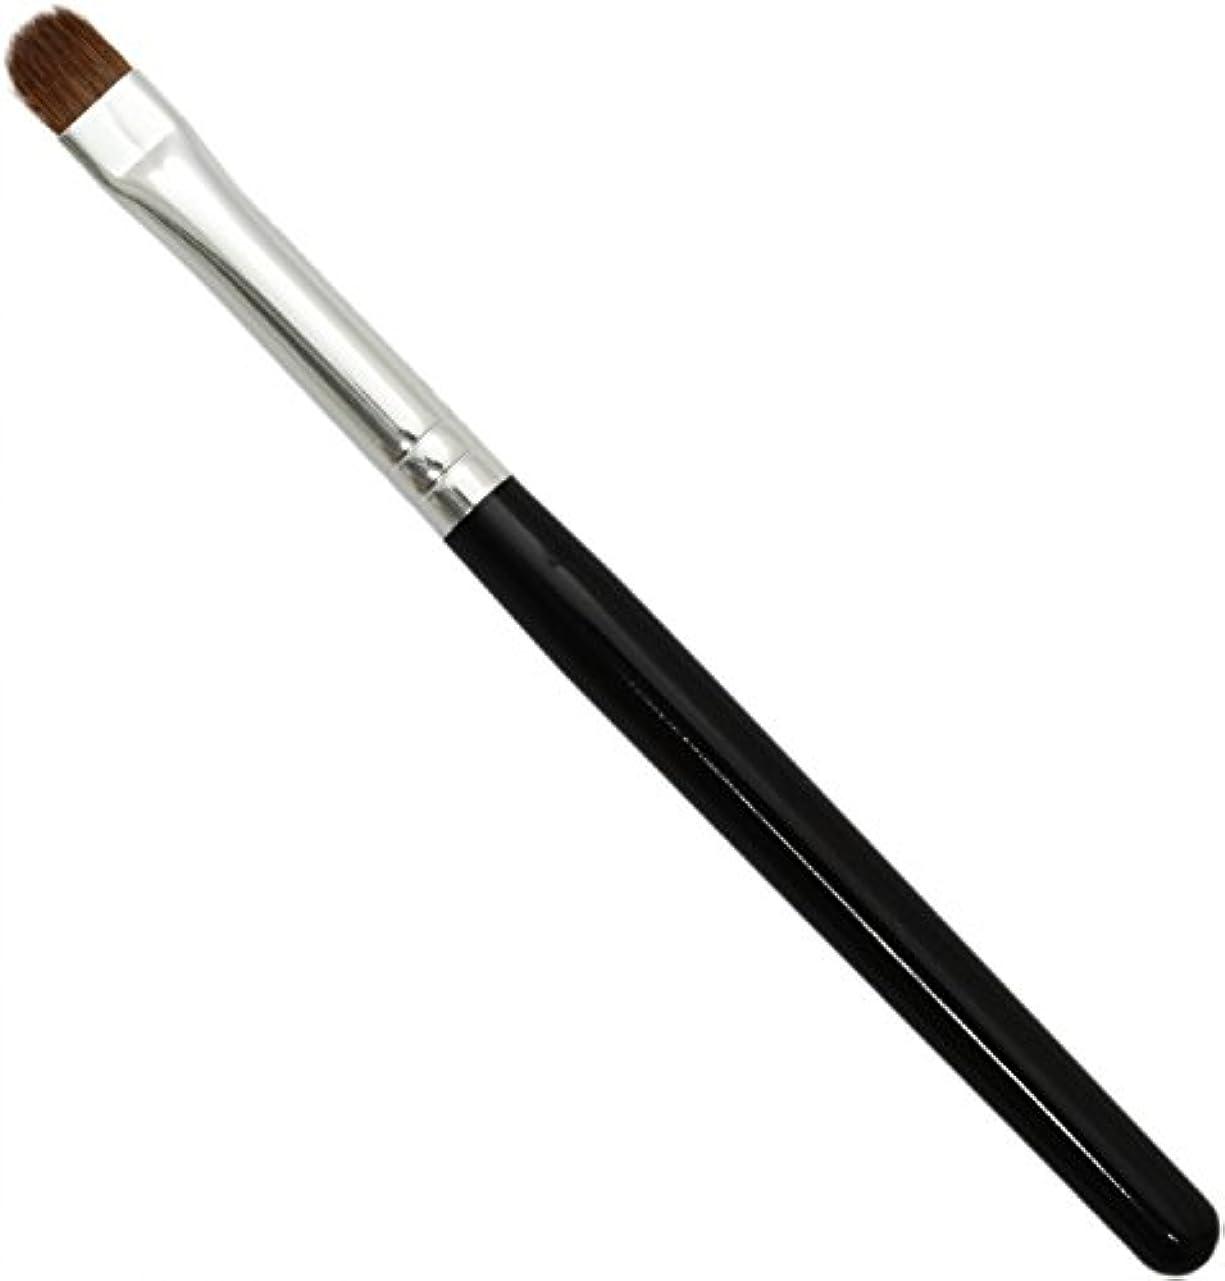 熊野筆 メイクブラシ KUシリーズ シャドウライナーブラシ イタチ毛